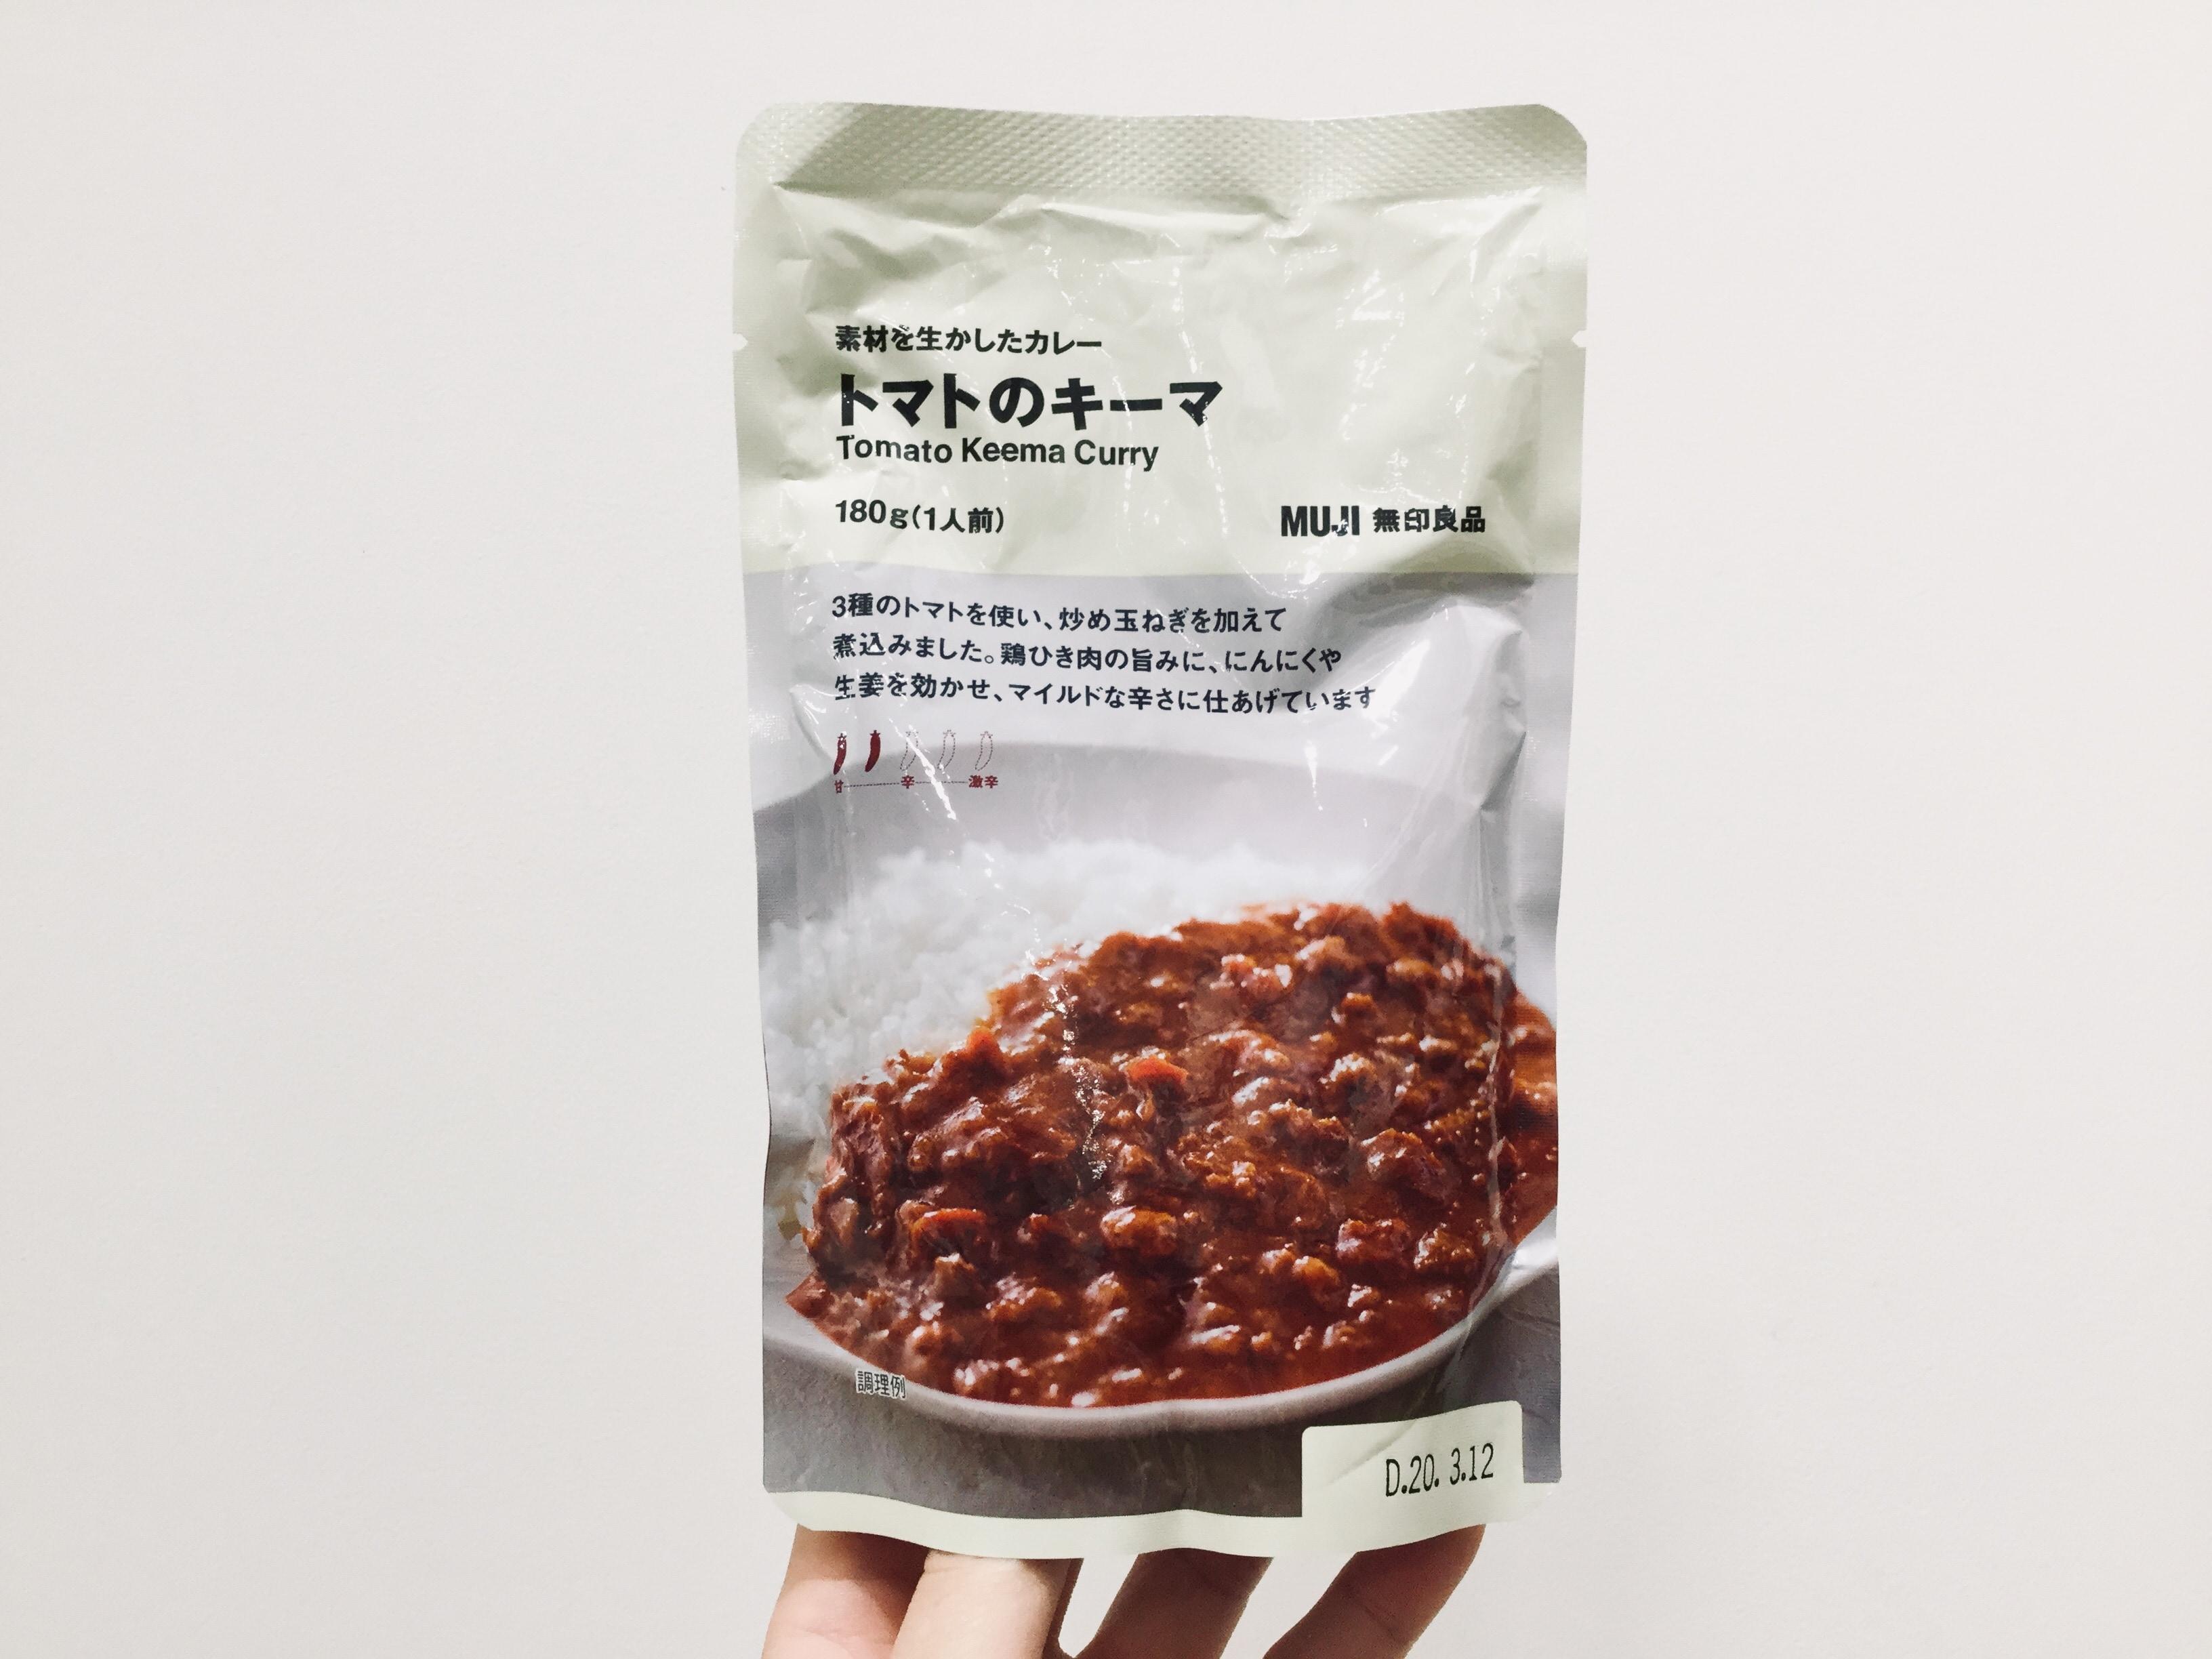 キービジュアル画像:トマトのカレー、新登場!|新商品